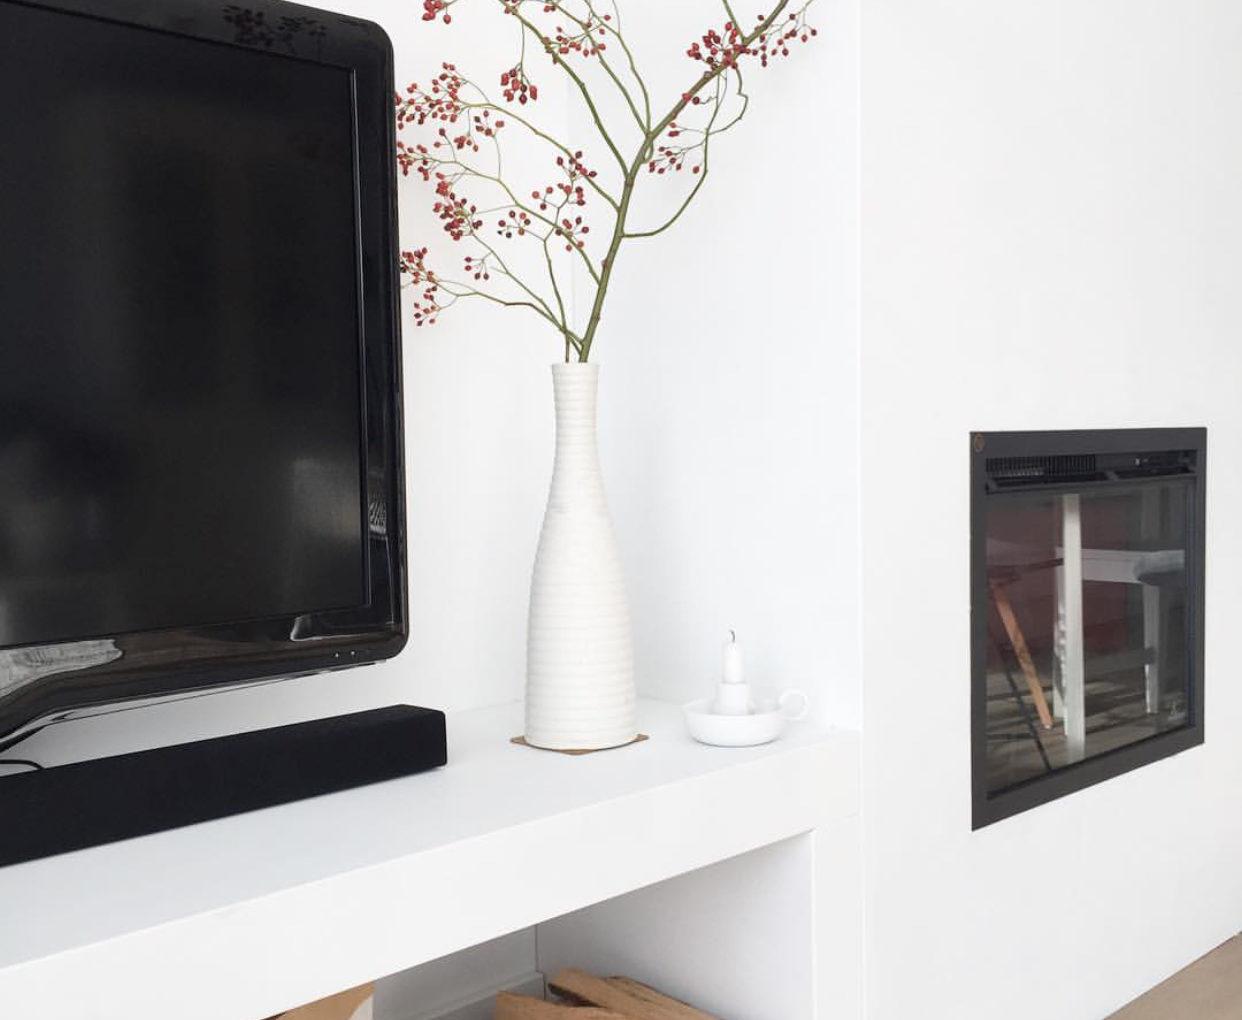 Huis Met Design : Inspire binnenkijken in een huis met scandinavisch design u2013 tintje